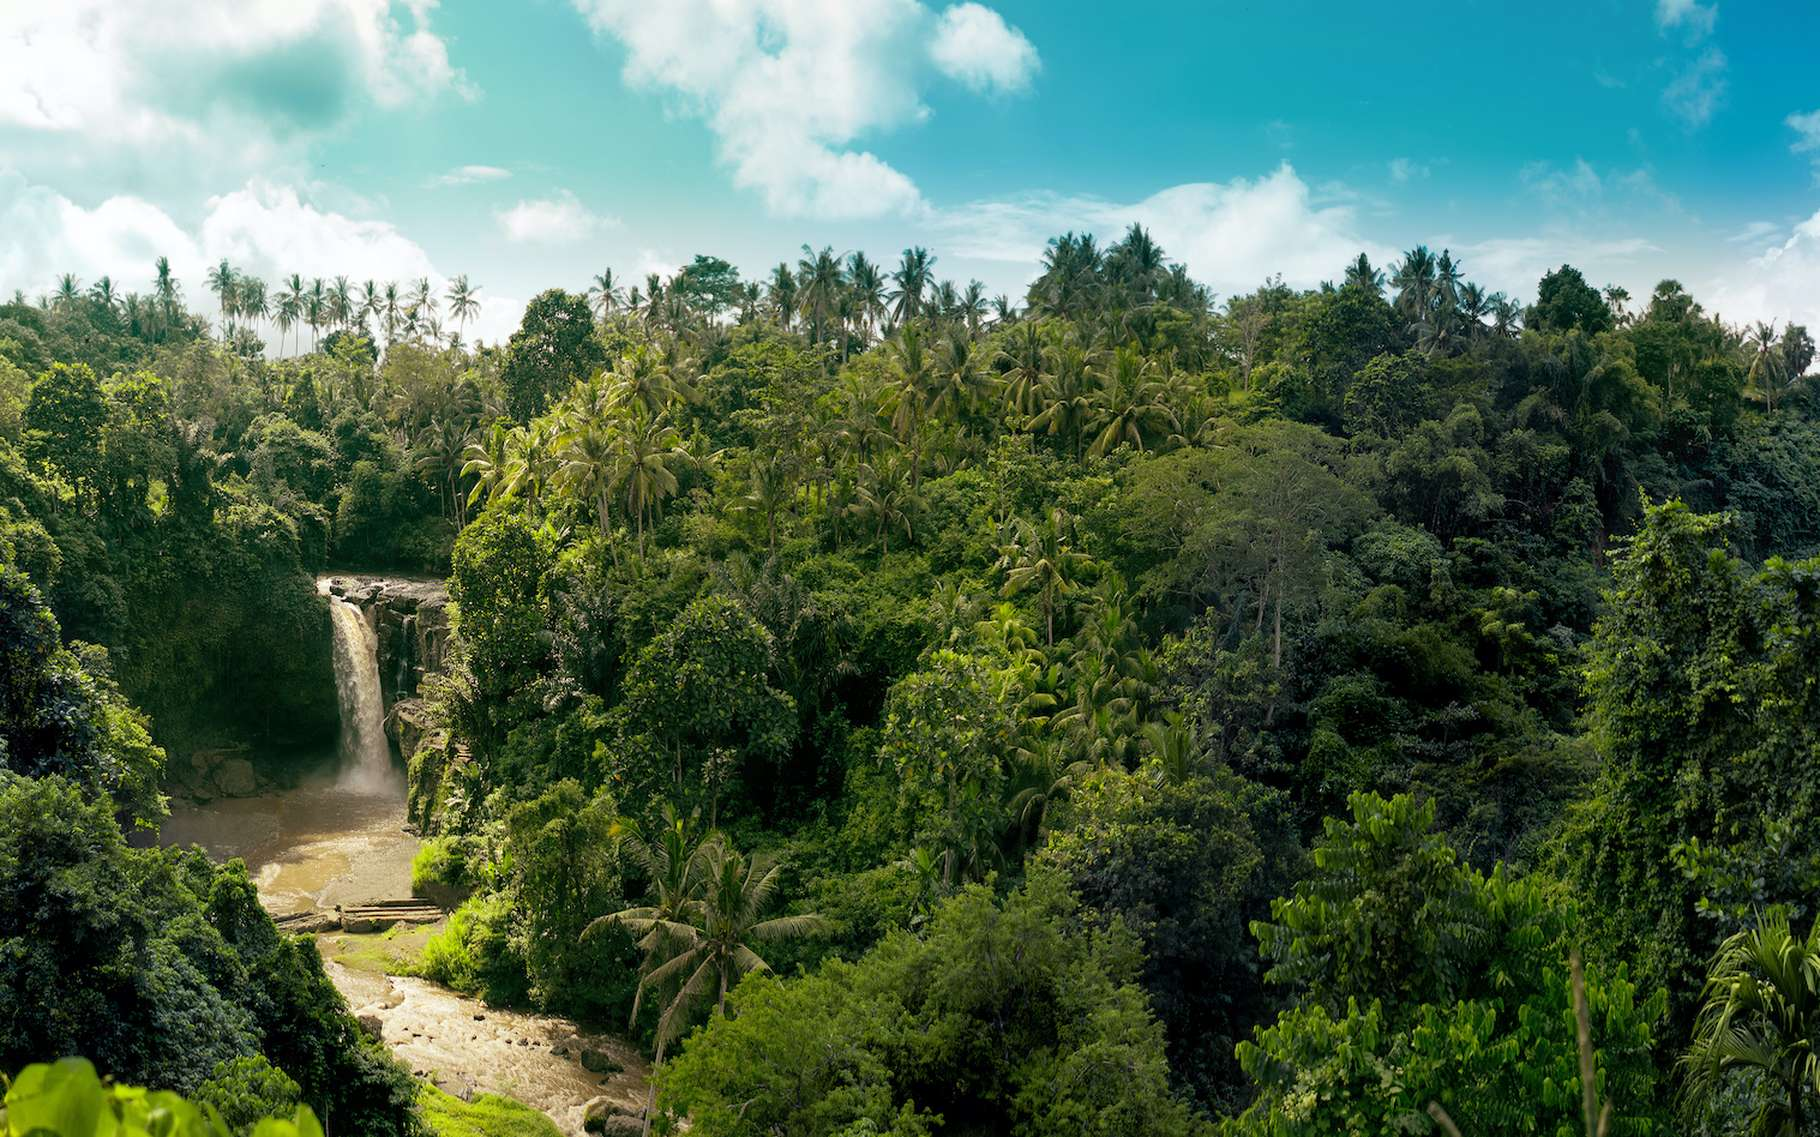 Les forêts tropicales vierges stockent et séquestrent de grandes quantités de carbone atmosphérique, mais sont actuellement négligées dans la politique climatique internationale. © acarapi, Adobe Stock